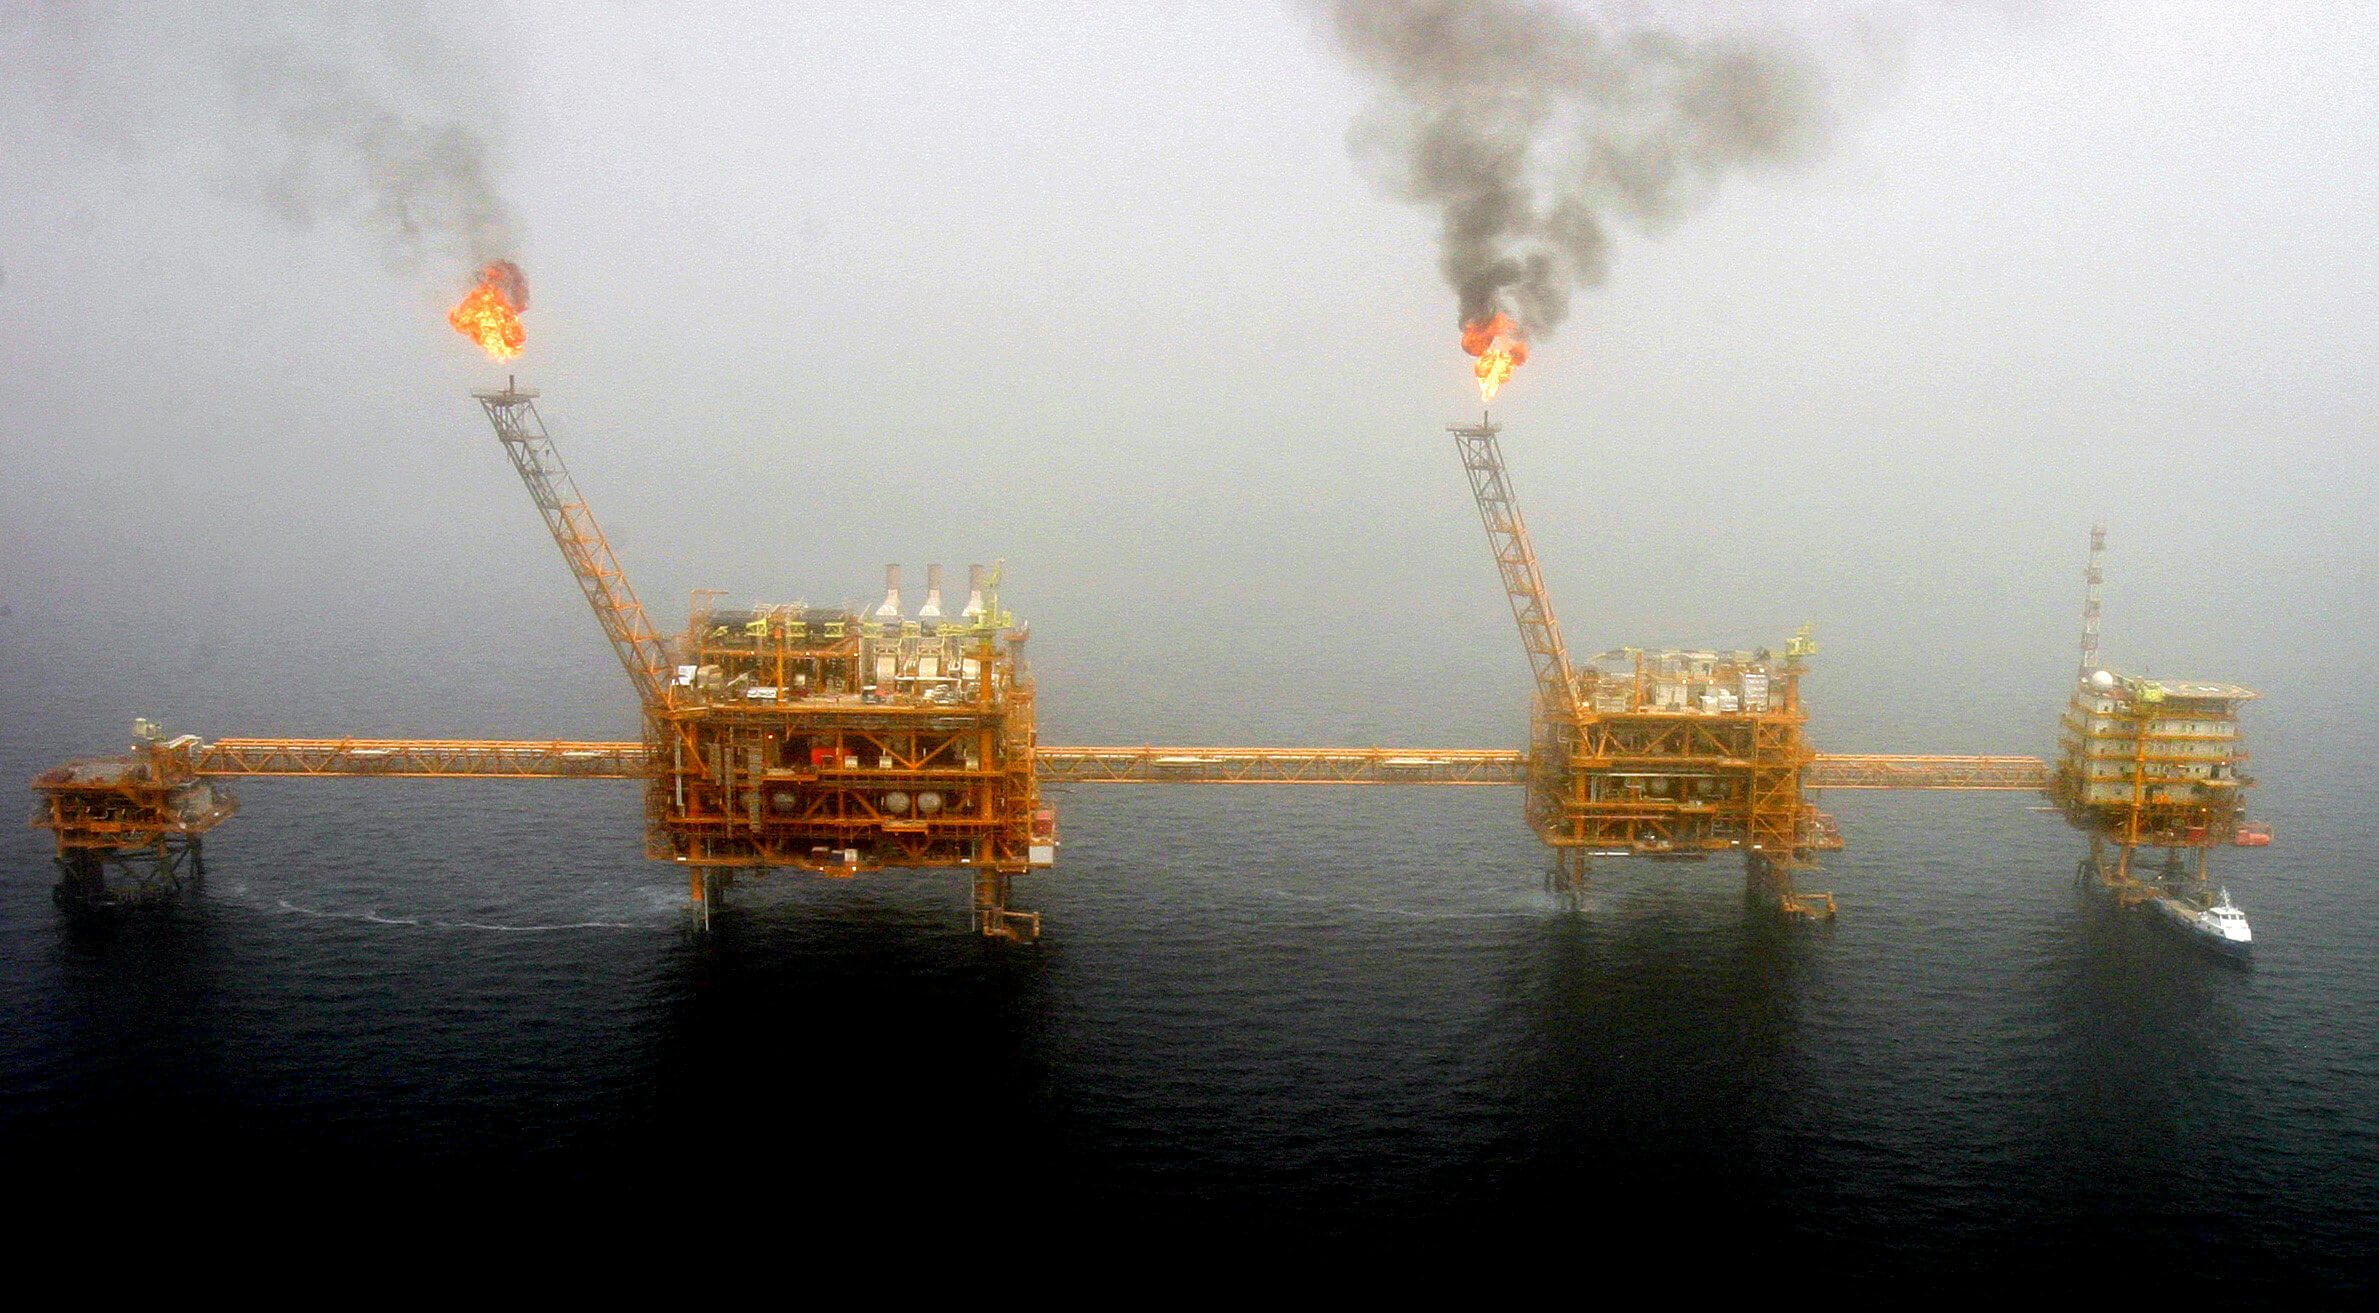 Στα ύψη το πετρέλαιο! Πάνω από 75 δολάρια το βαρέλι